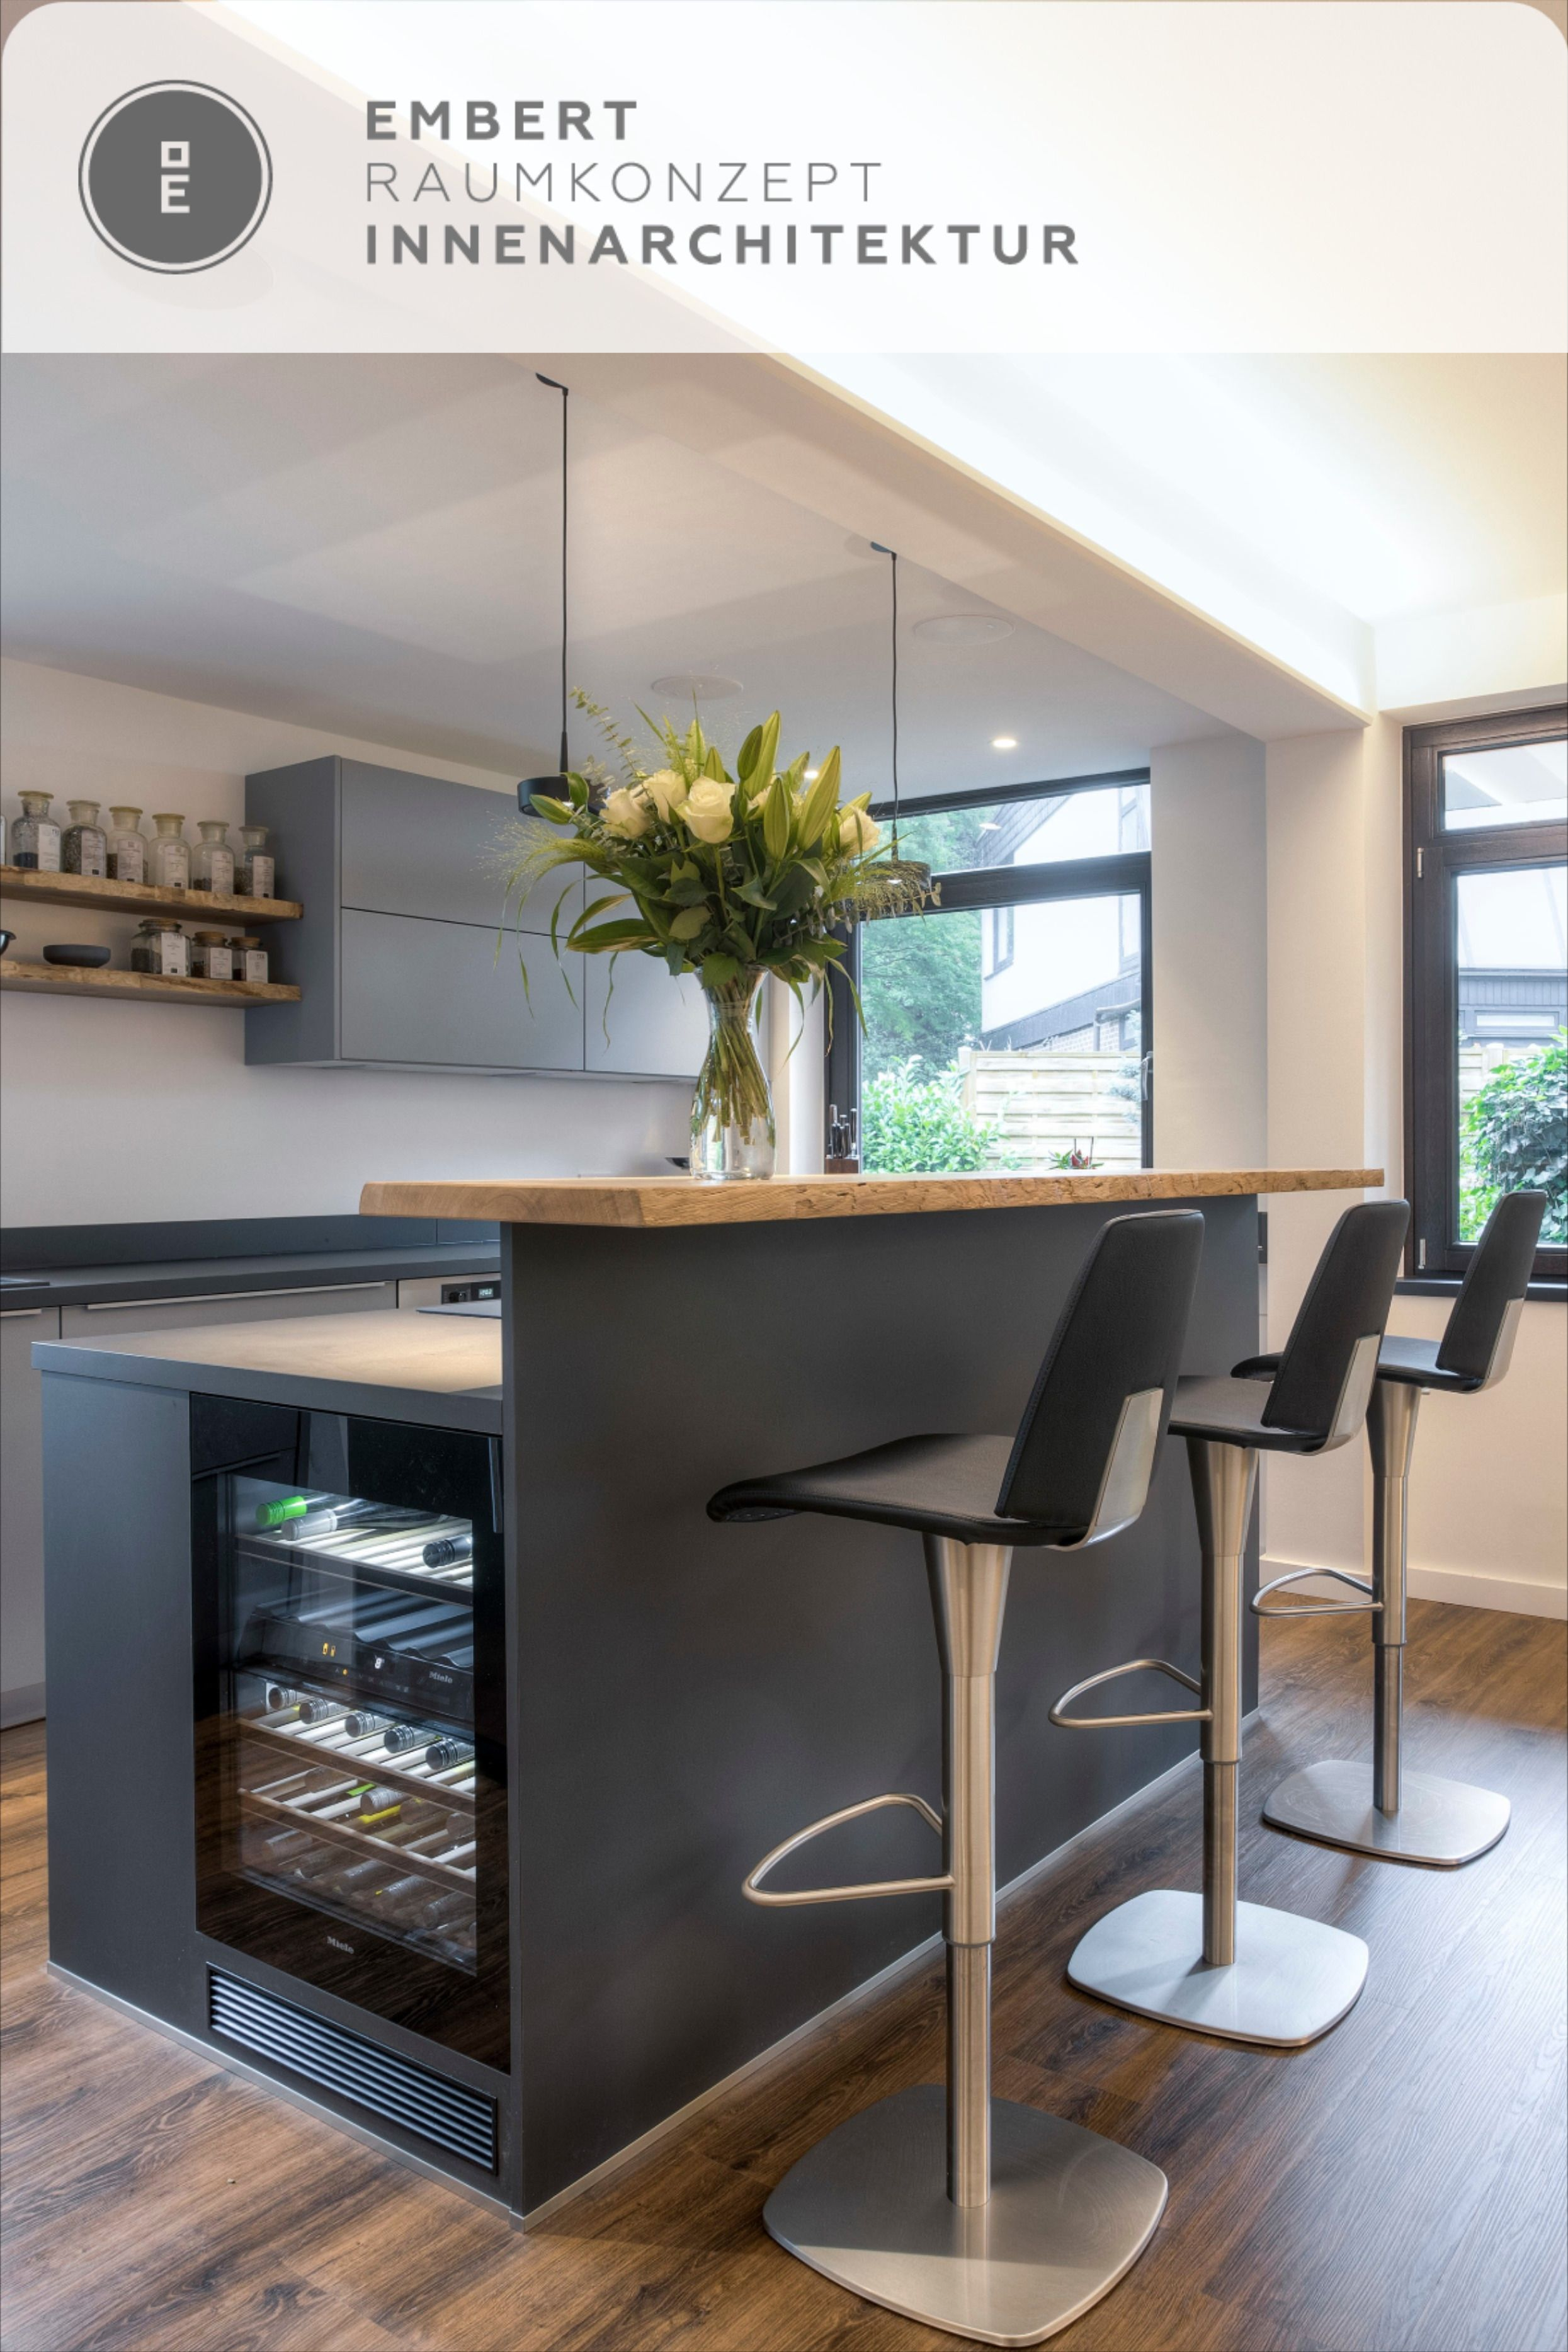 Kücheninsel Mit Holztresen Und Weinkühlschrank Embert